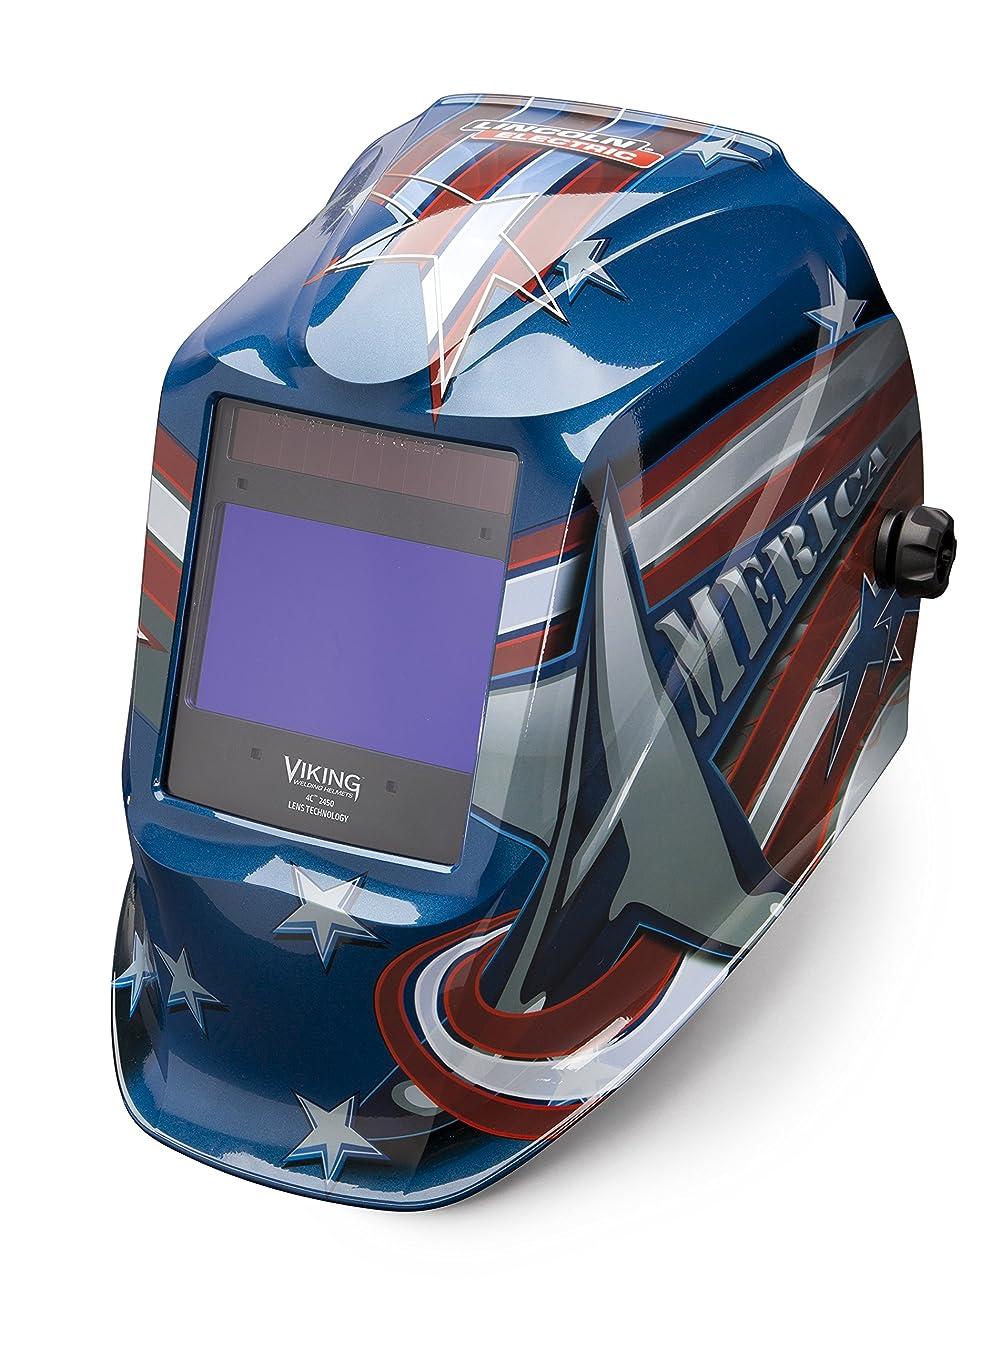 割合陰謀着服Lincoln Electric VIKING 2450 All American Welding Helmet with 4C Lens Technology - K3174-3 by Lincoln Electric